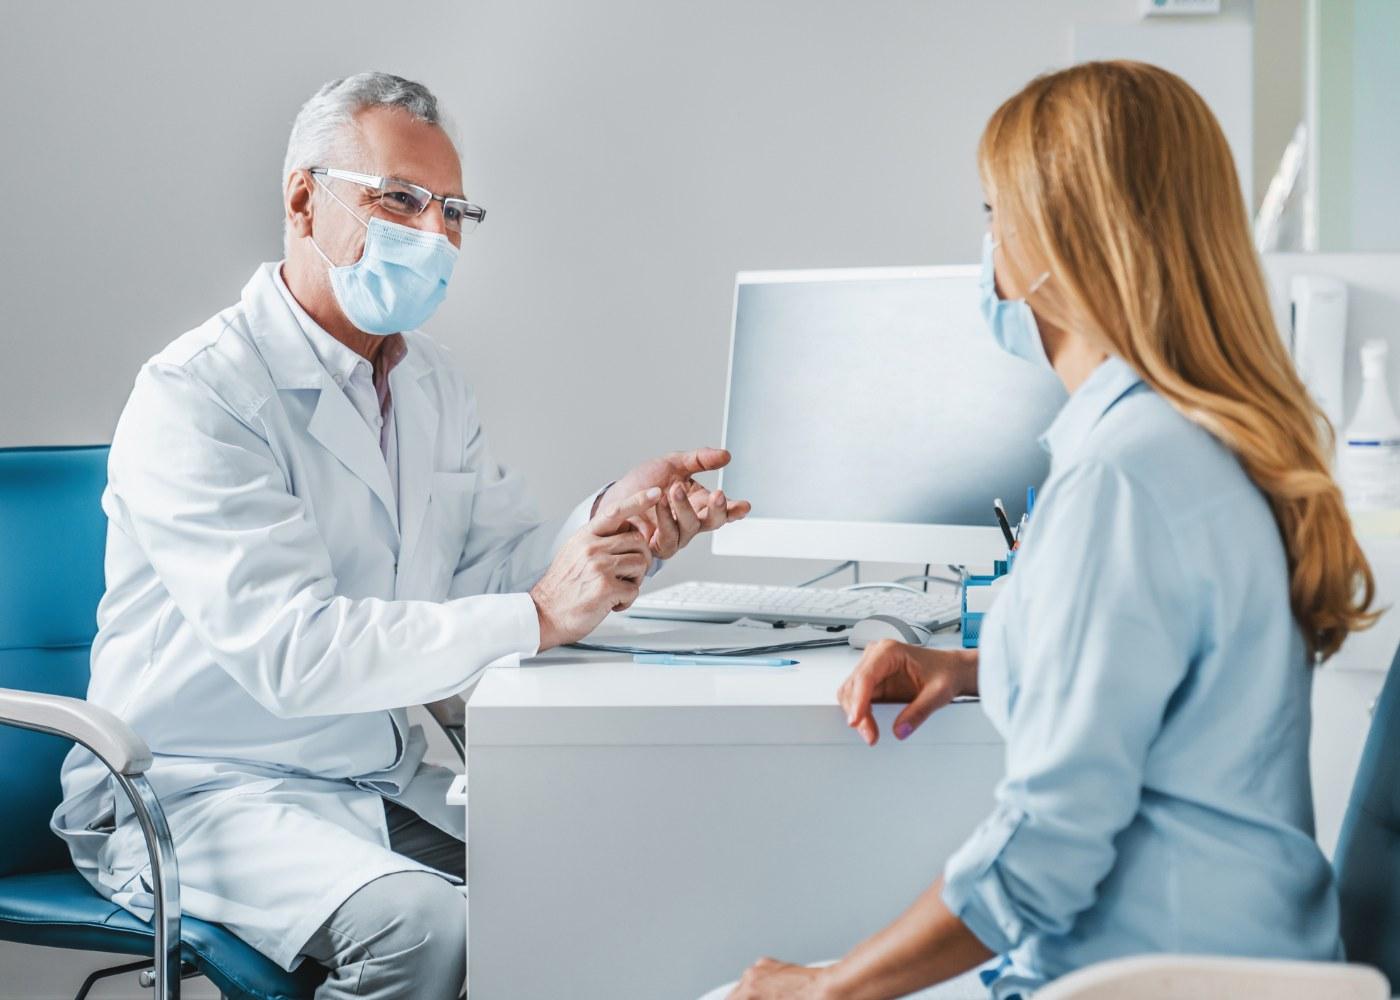 mulher em consulta de medicina do trabalho em pandemia